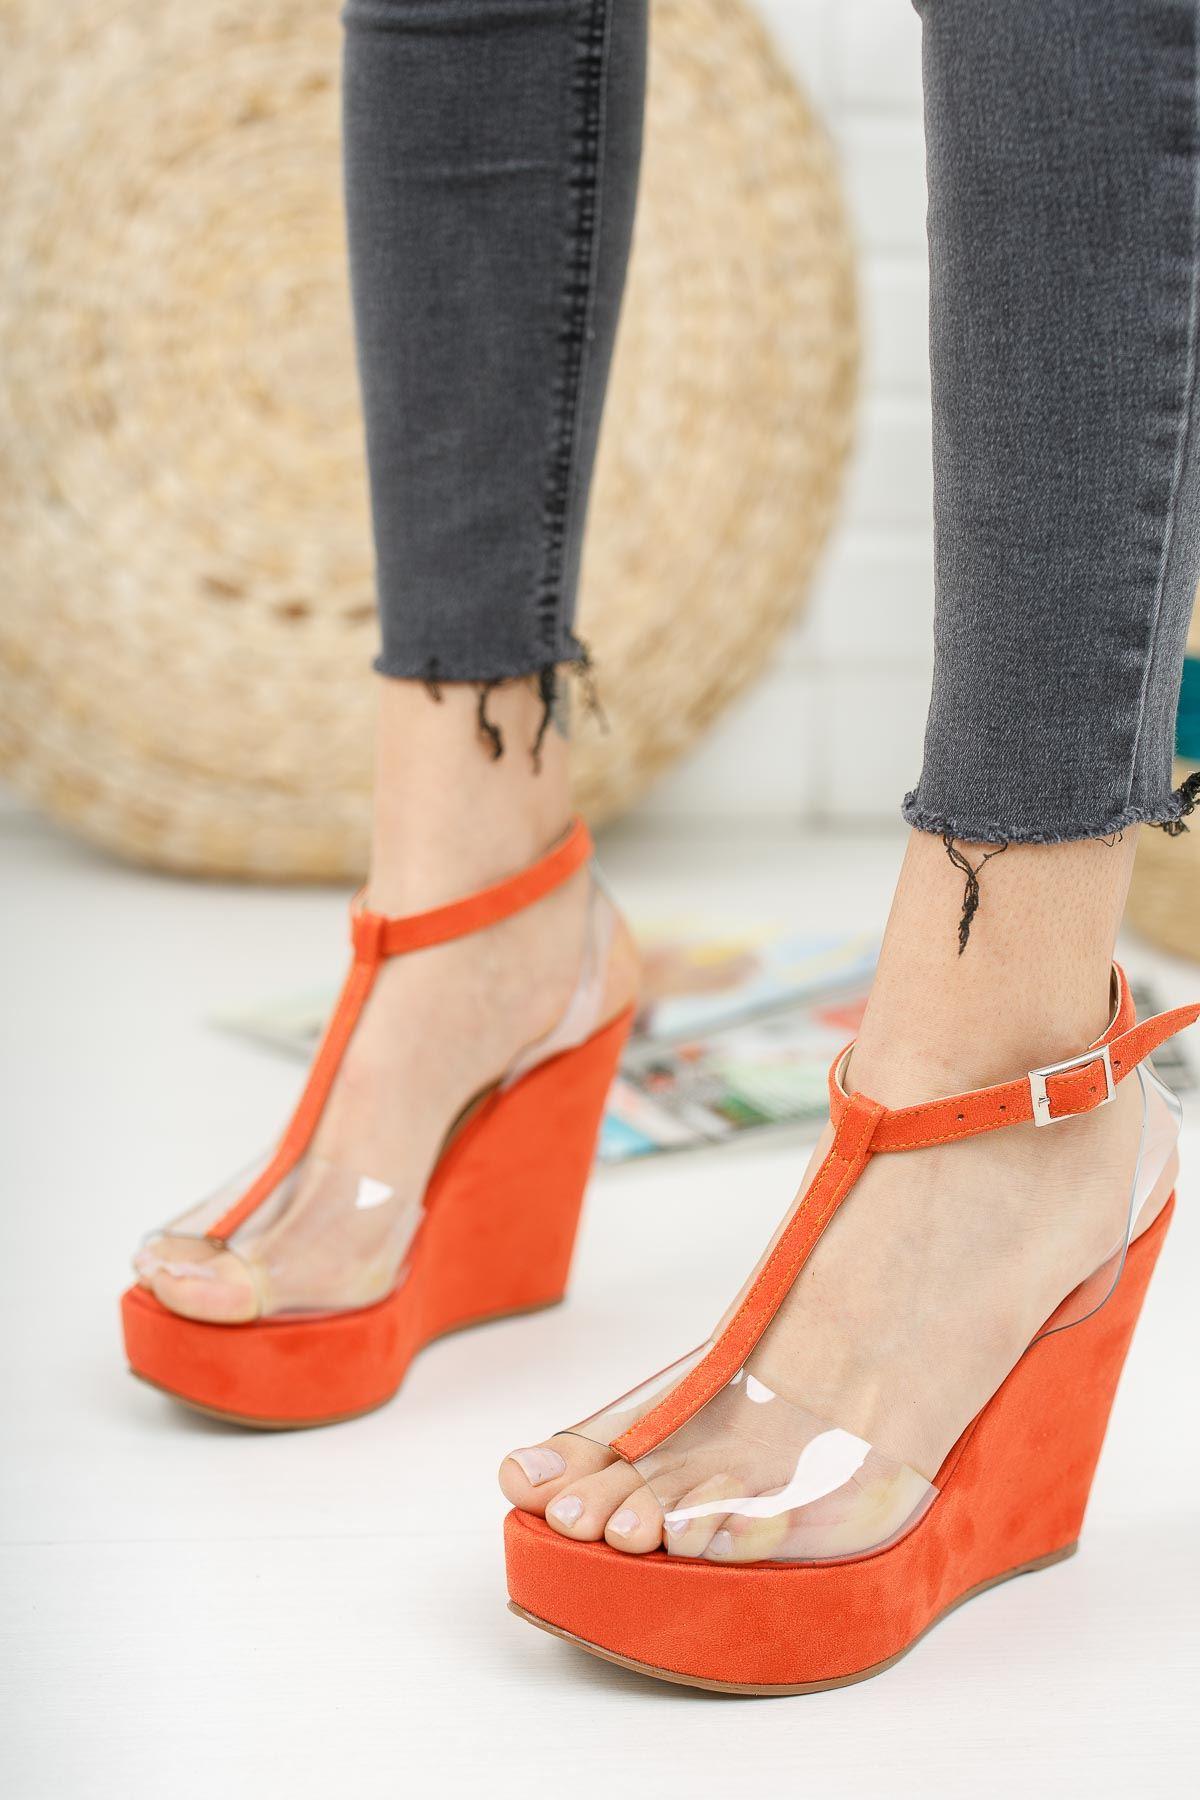 Mason Turuncu Şeffaf Dolgu Topuklu Ayakkabı